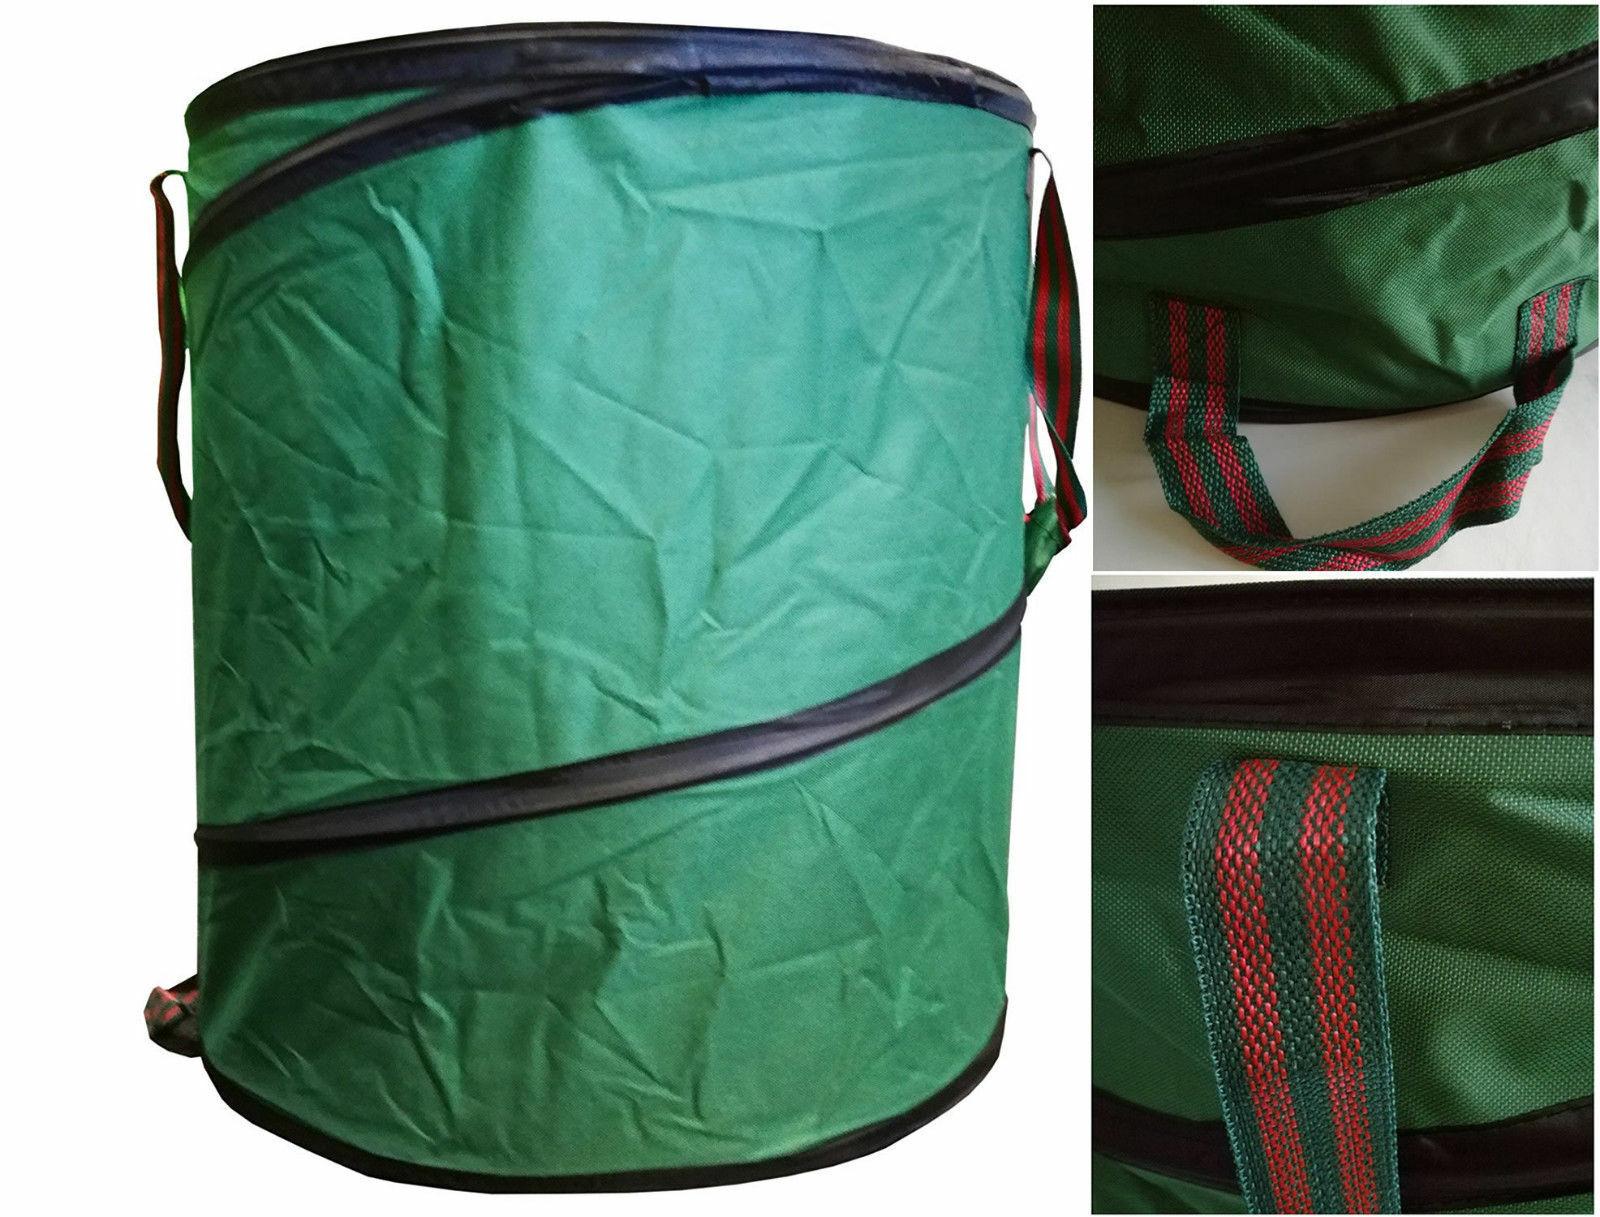 Gartentonne Pop Up 160 Liter Gartenabfalltonne grün max. 50 Kilo Gartentasche